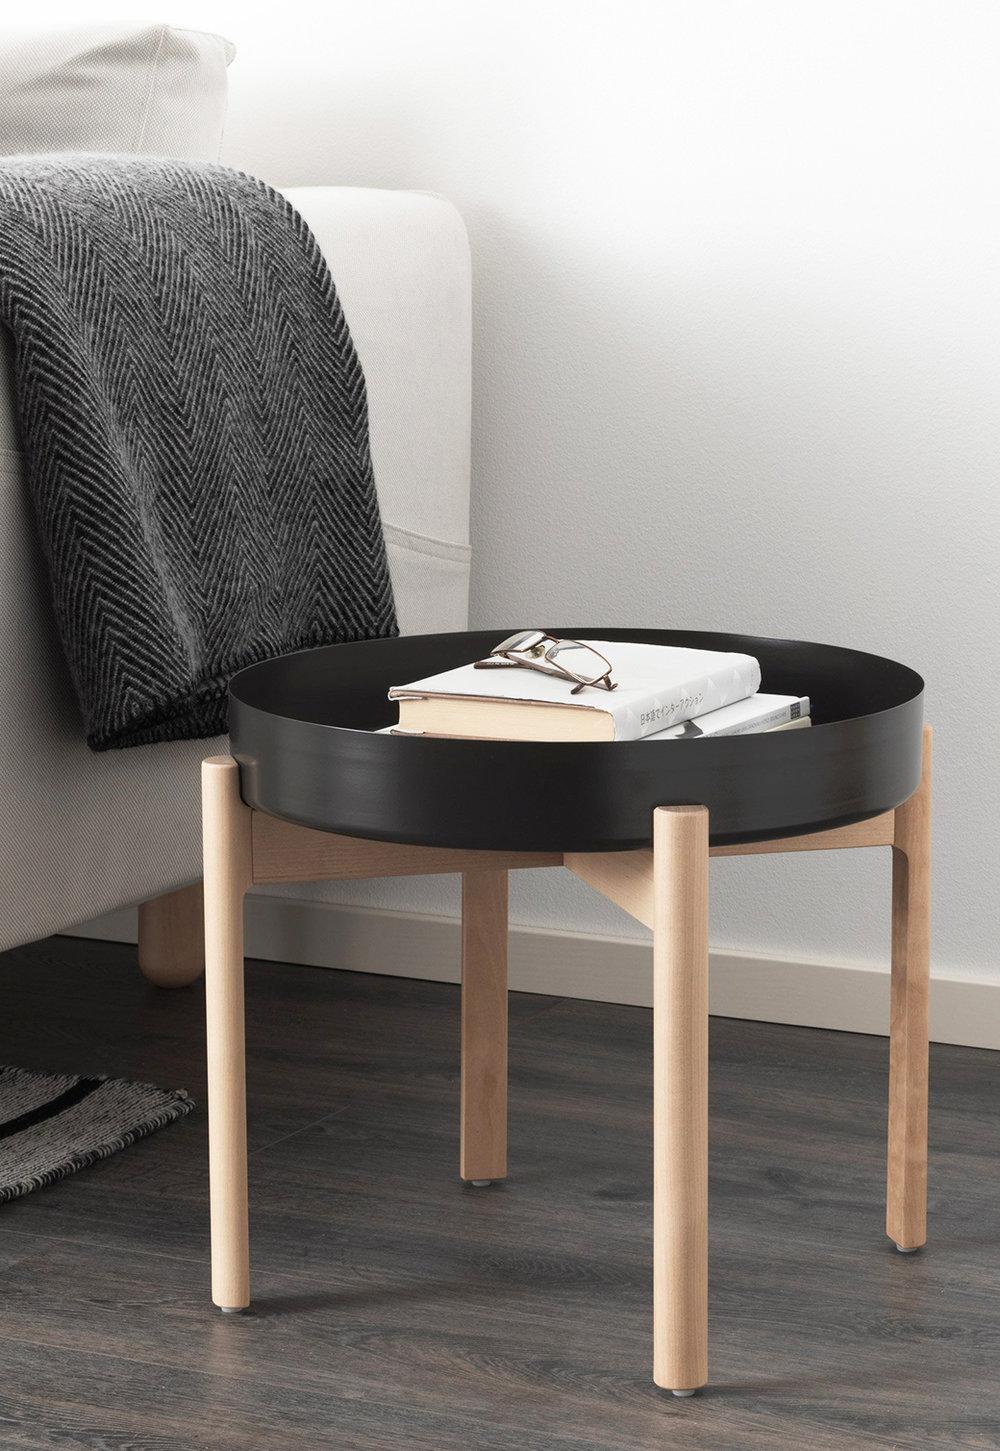 IKEA_HAY_decor8_07.jpg